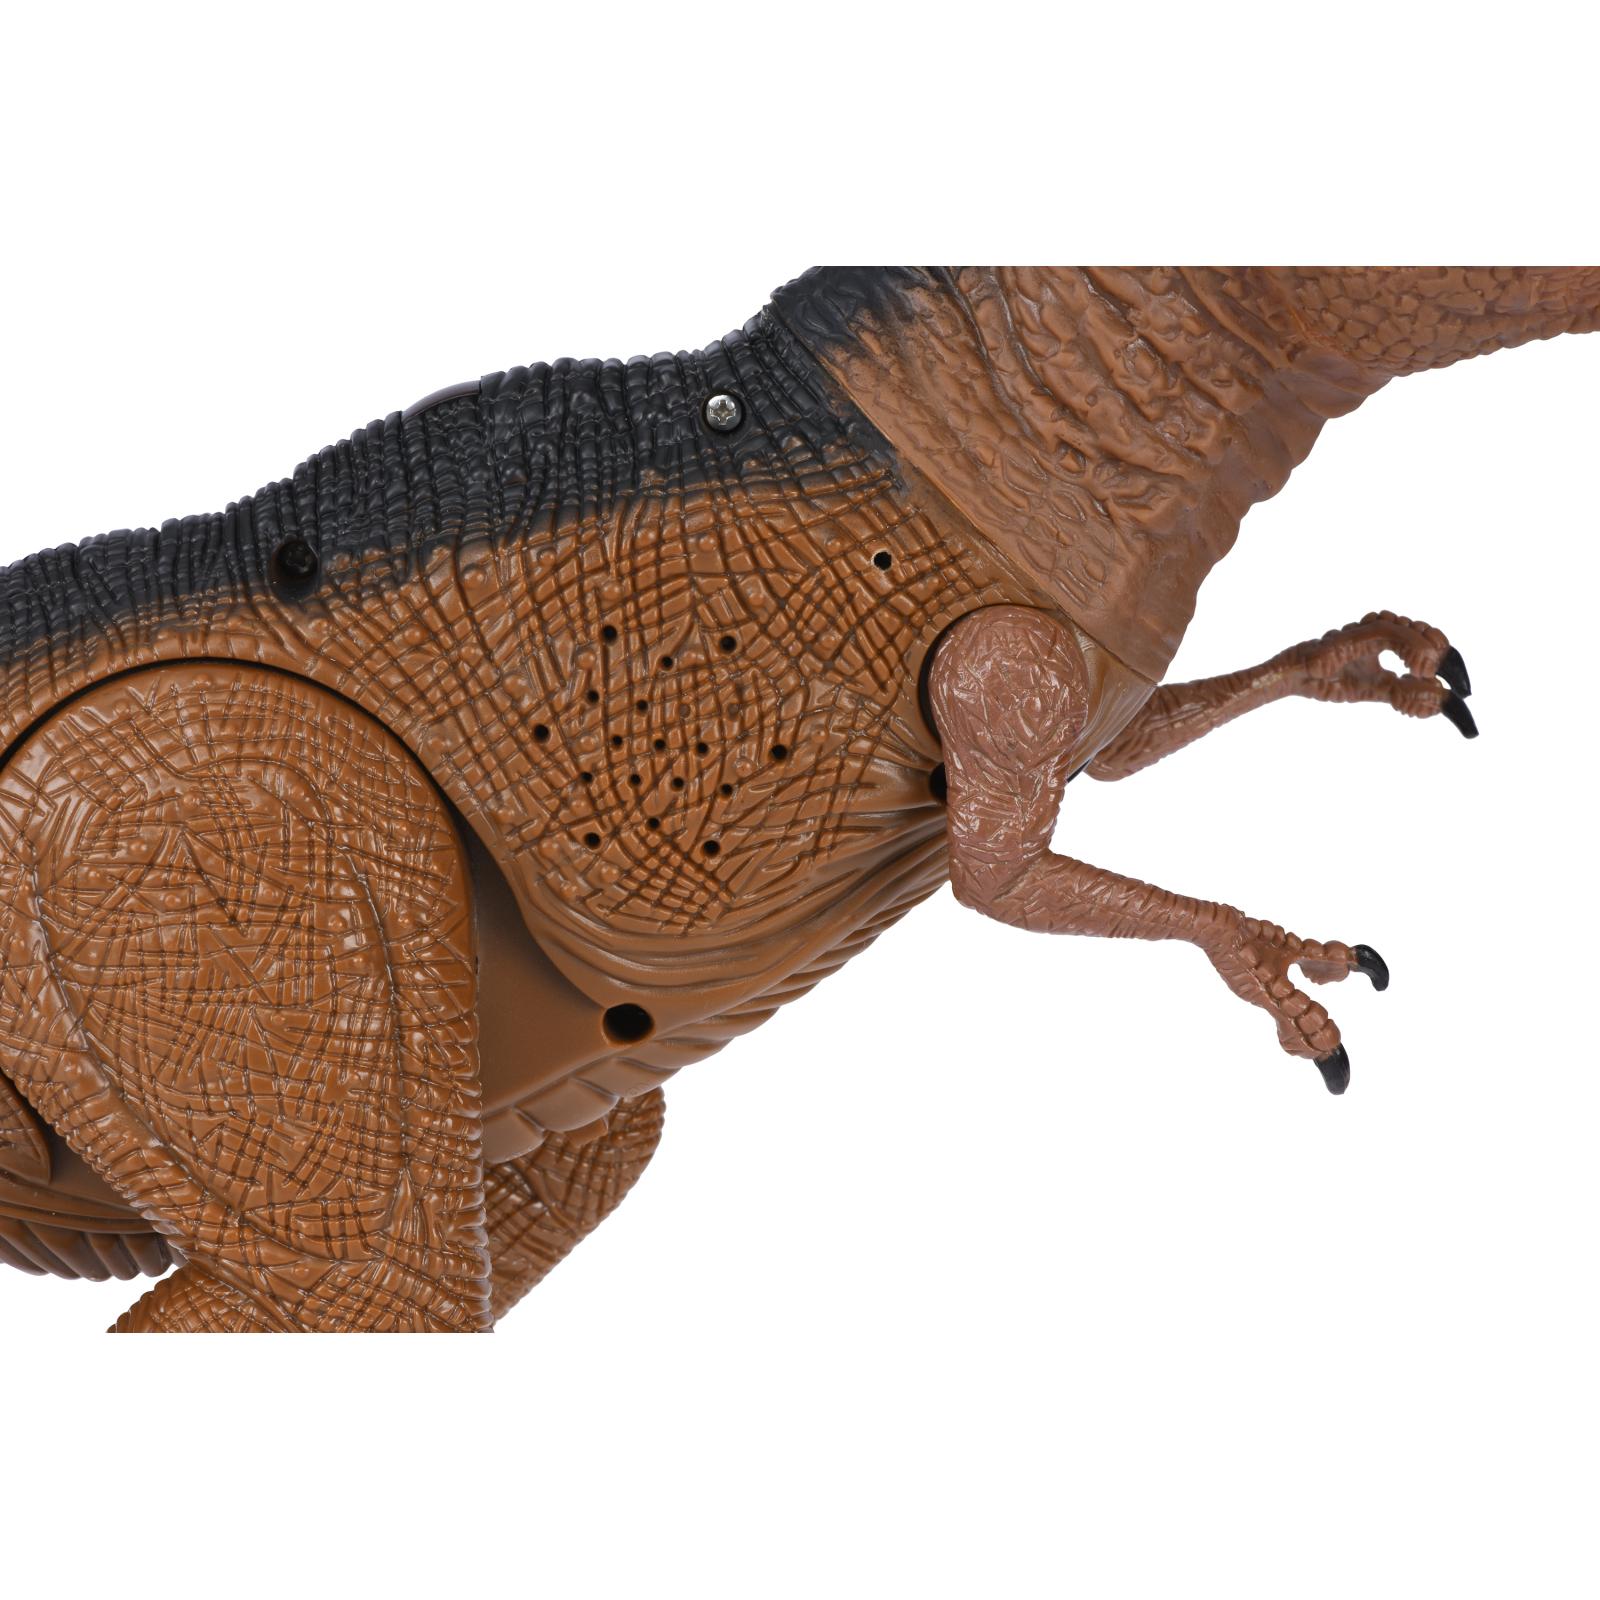 Интерактивная игрушка Same Toy Динозавр Dinosaur Planet коричневый со светом и звуком (RS6133Ut) изображение 6